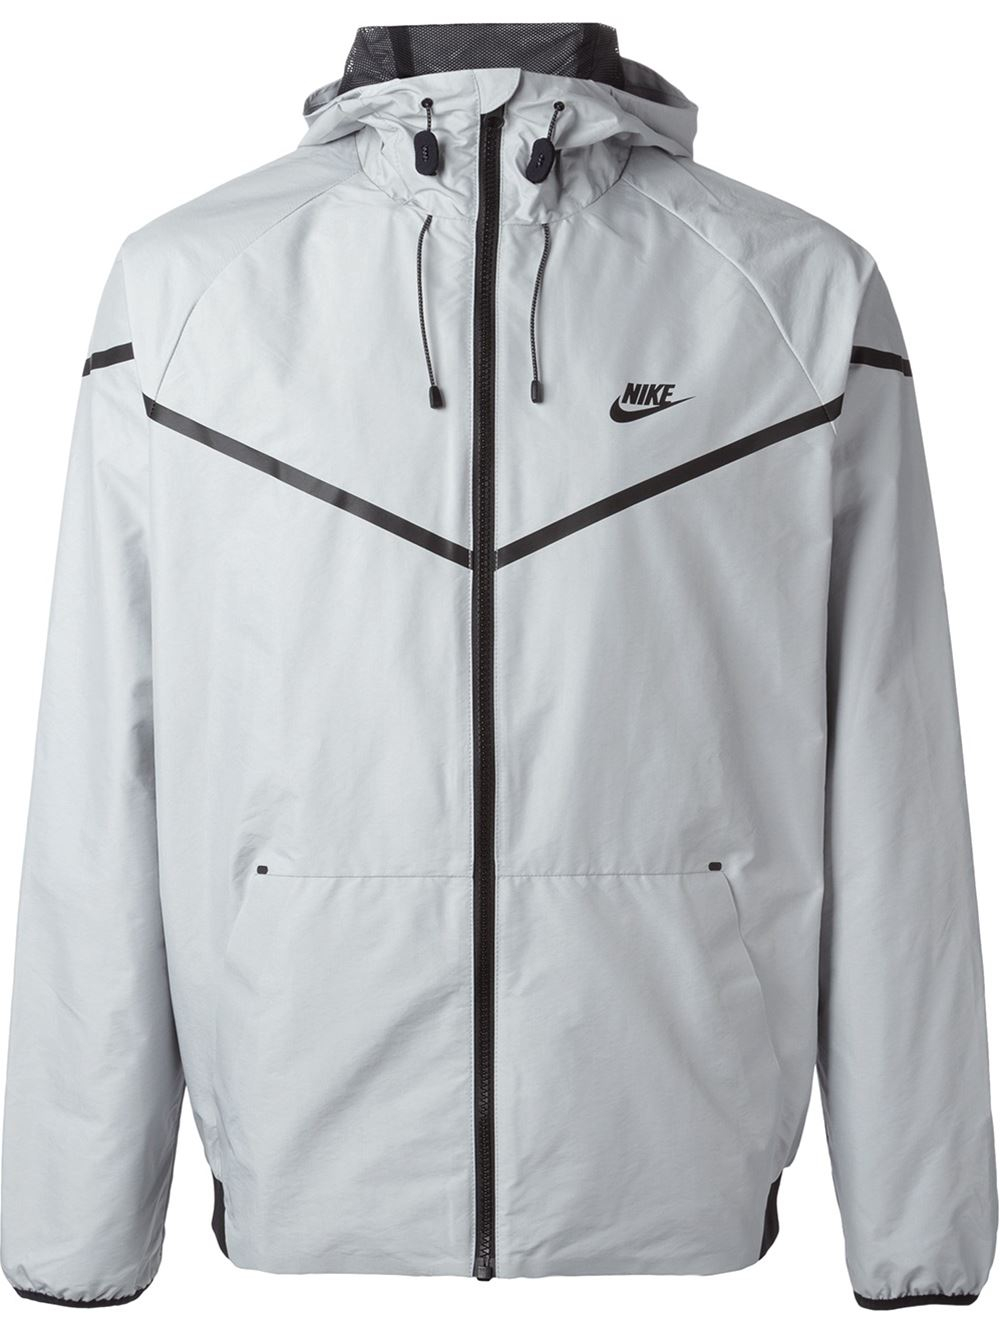 Lyst - Nike Tech Windrunner Jacket in Gray for Men 7b8bc9b67